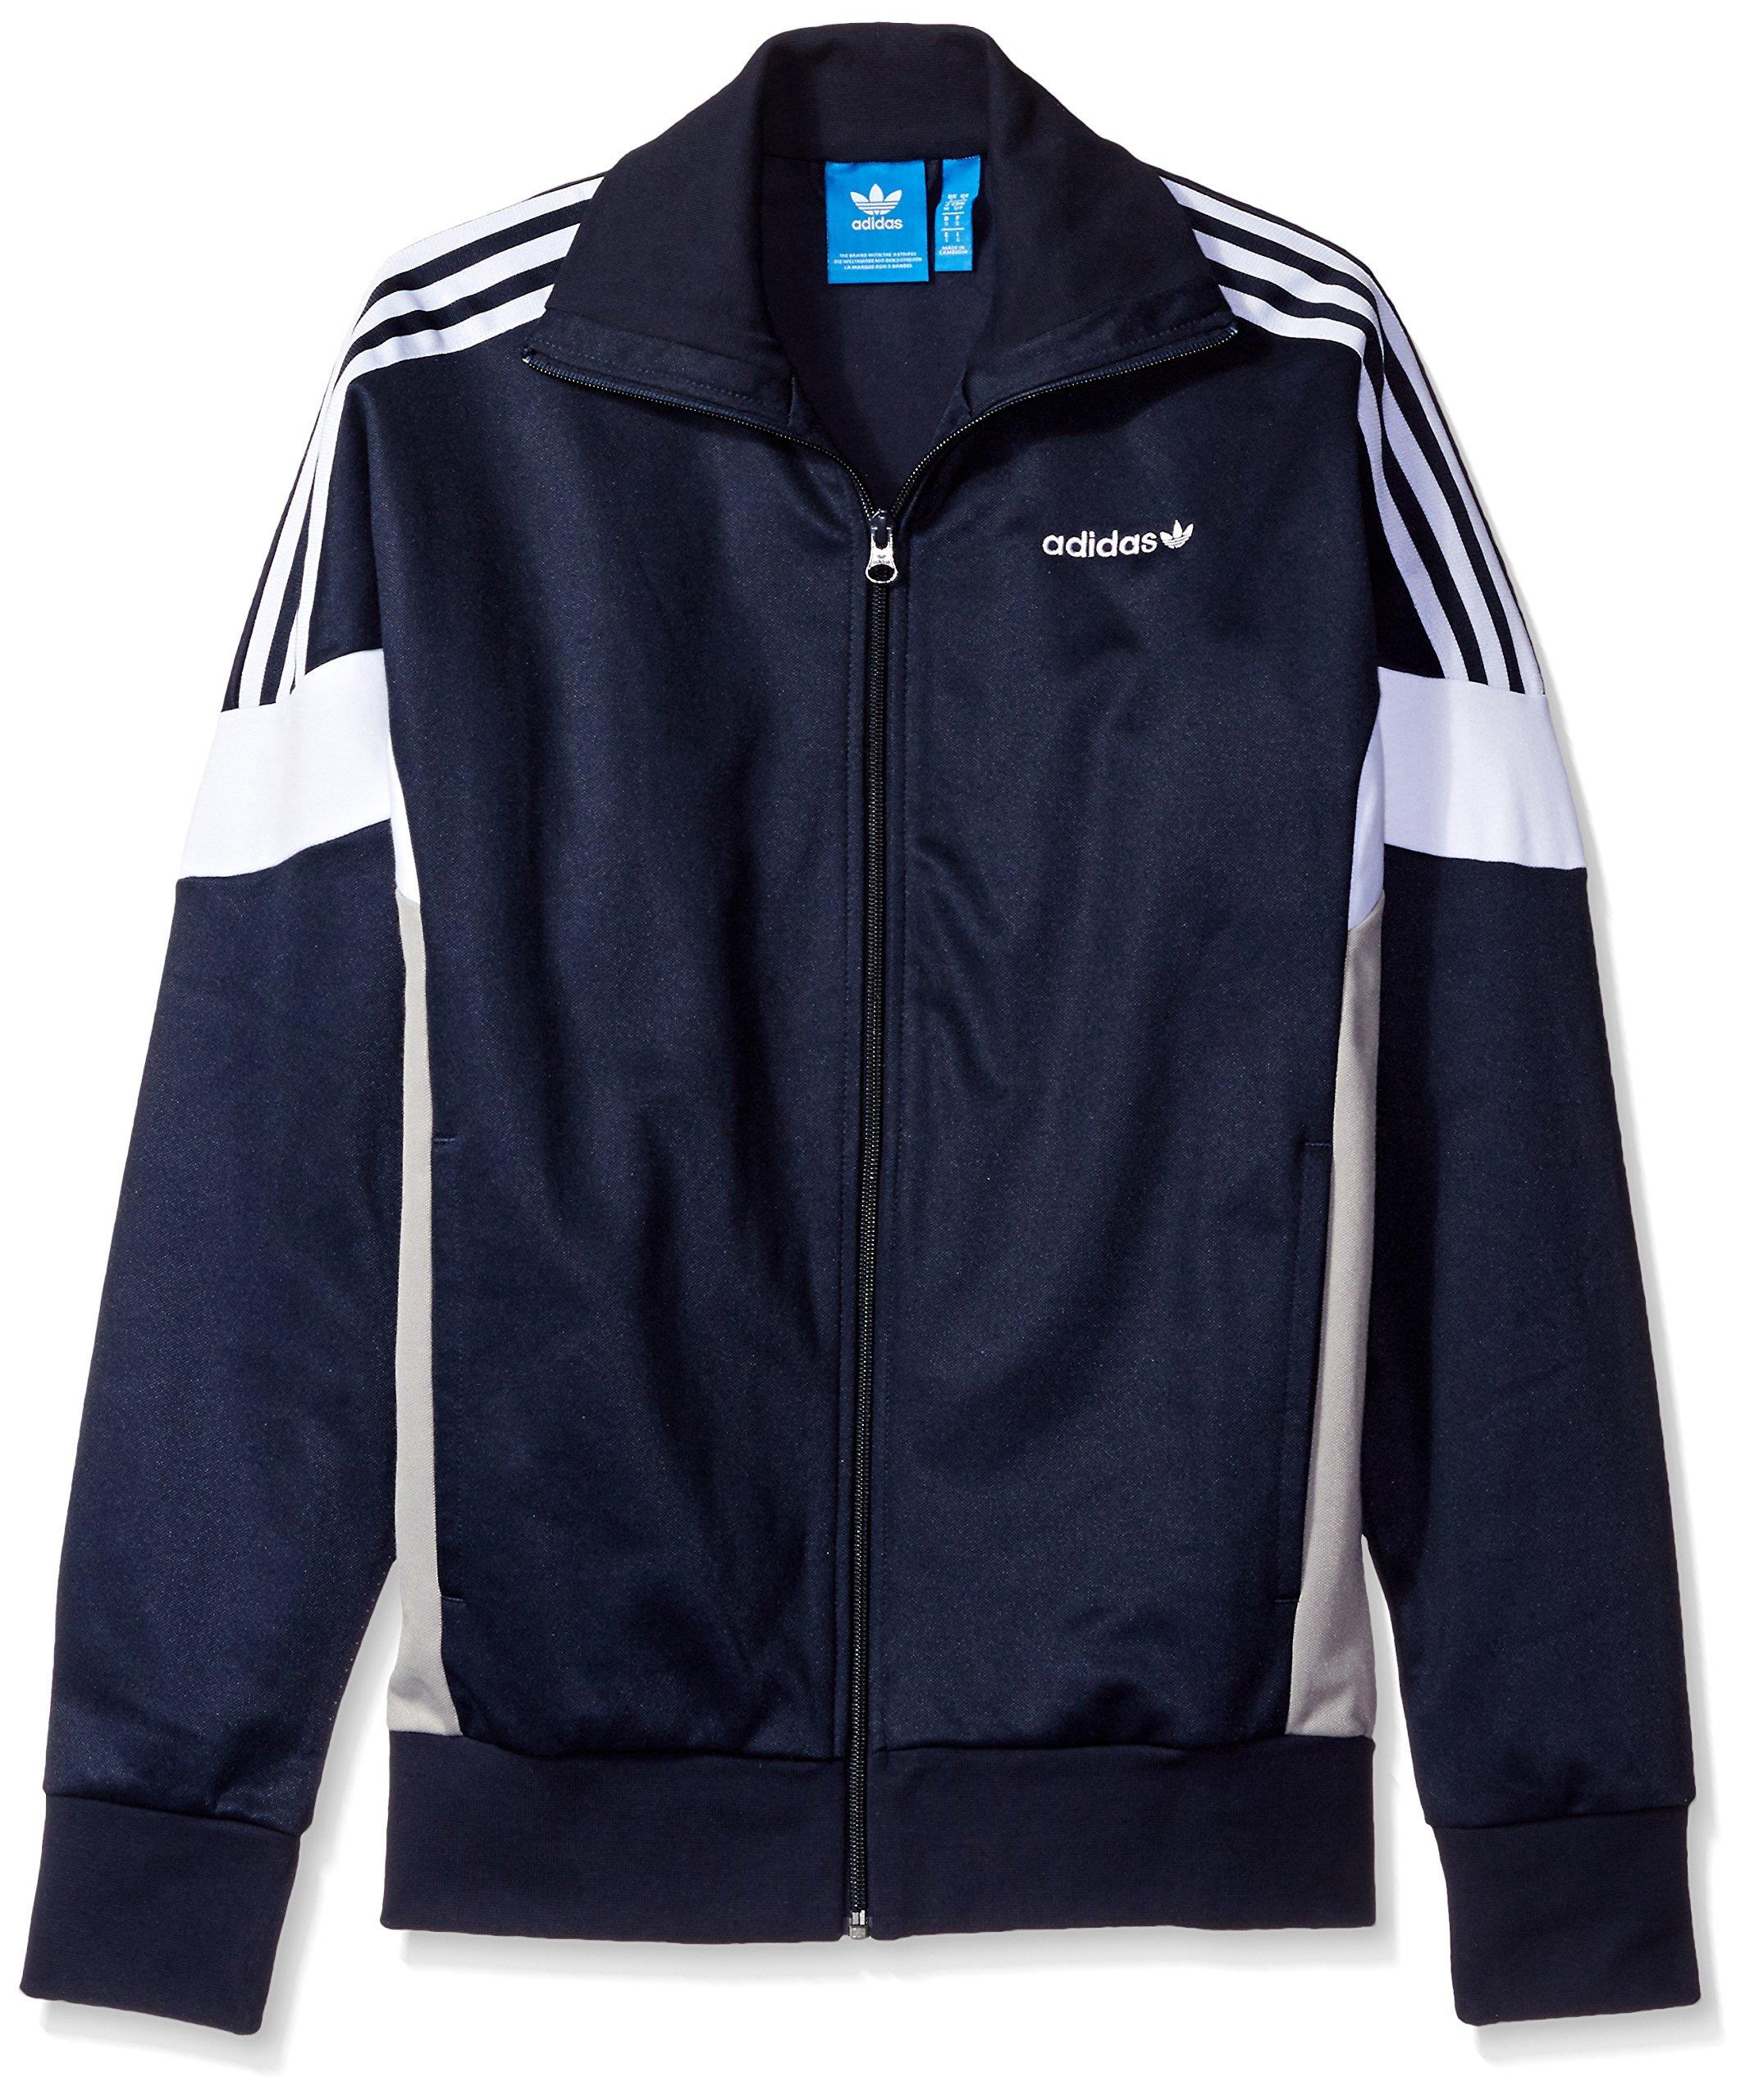 adidas Originals Men's Outerwear Challenger Track Jacket, Legend Ink, Medium